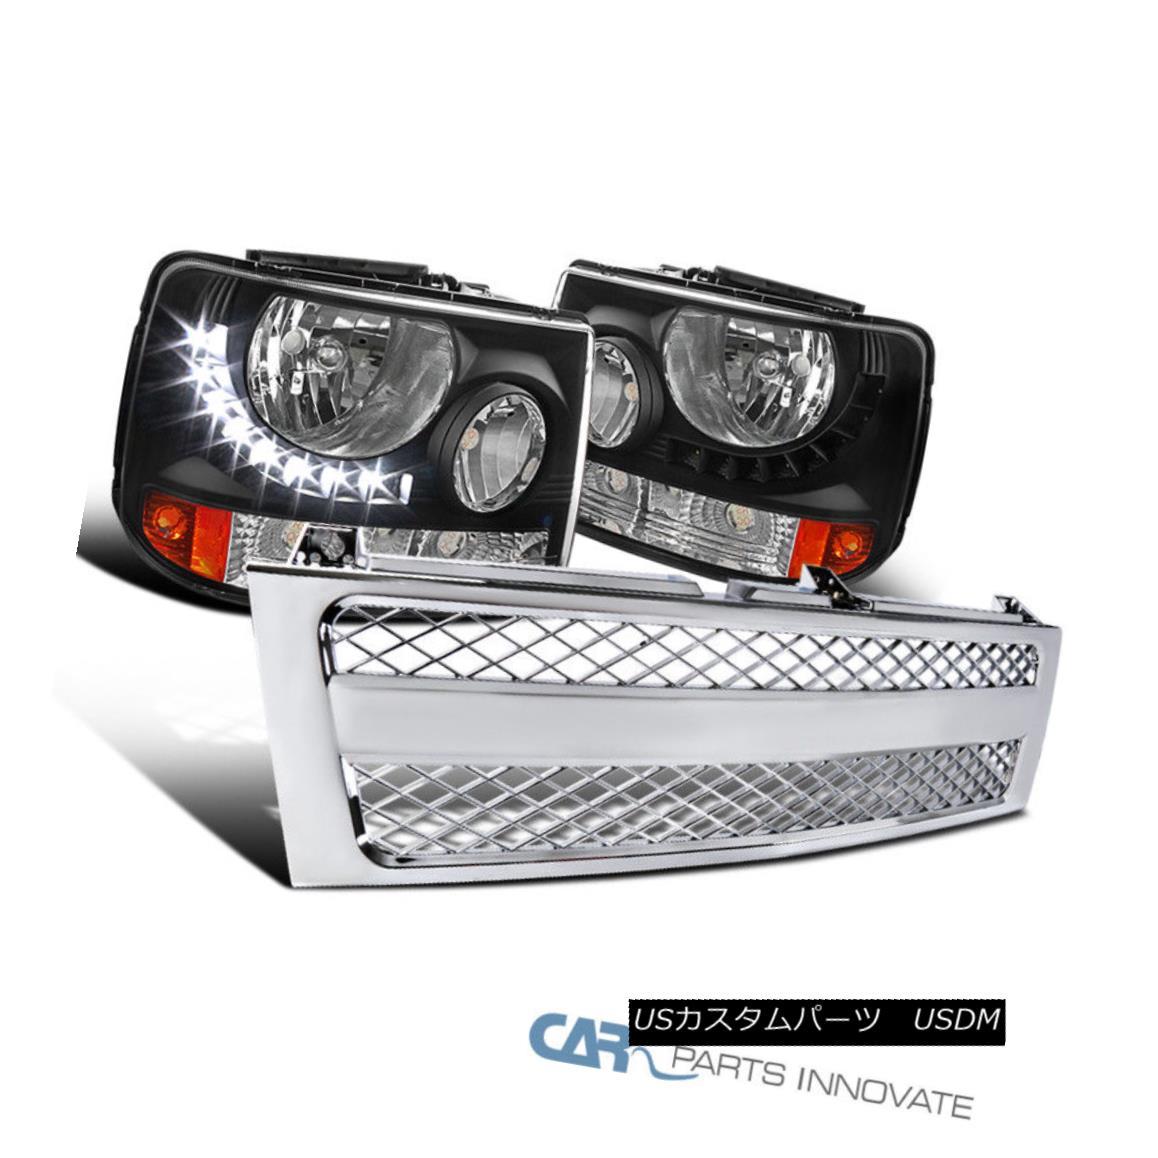 グリル Chevy 99-02 Silverado 2in1 Black LED DRL Headlights+Chrome ABS Mesh Hood Grille シボレー99-02 Silverado 2in1ブラックLED DRLヘッドライト+ Chr ome ABSメッシュフードグリル